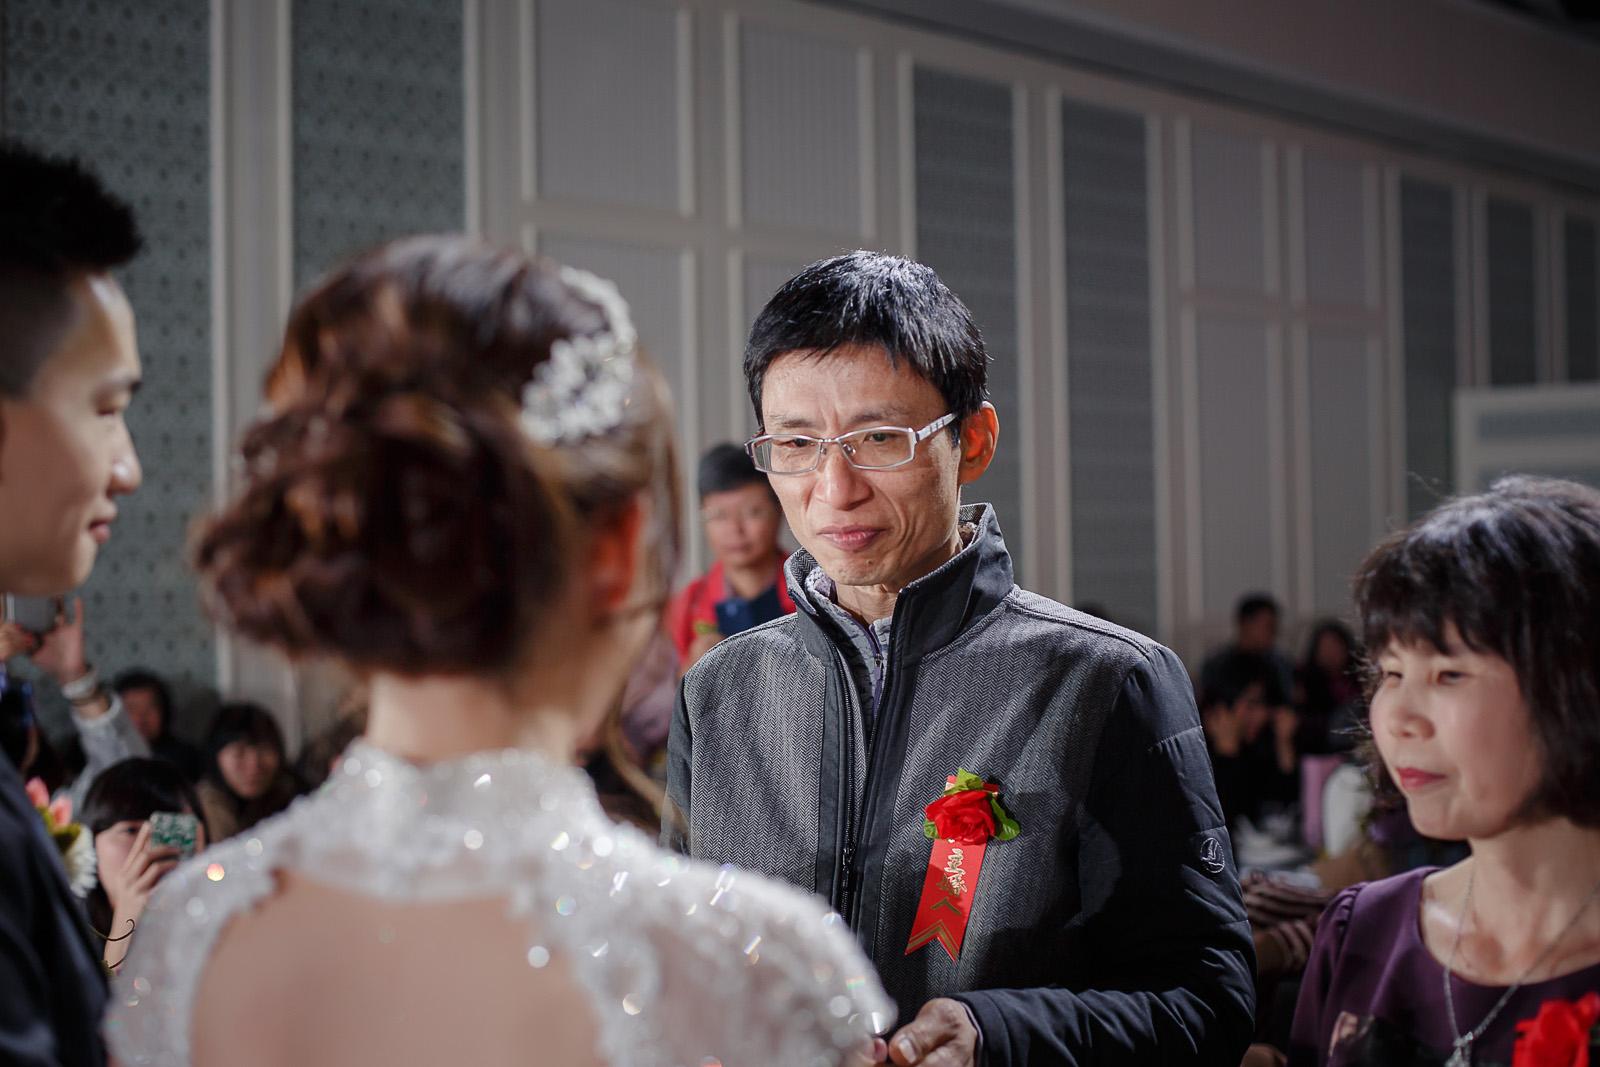 高雄圓山飯店,婚禮攝影,婚攝,高雄婚攝,優質婚攝推薦,Jen&Ethan-250